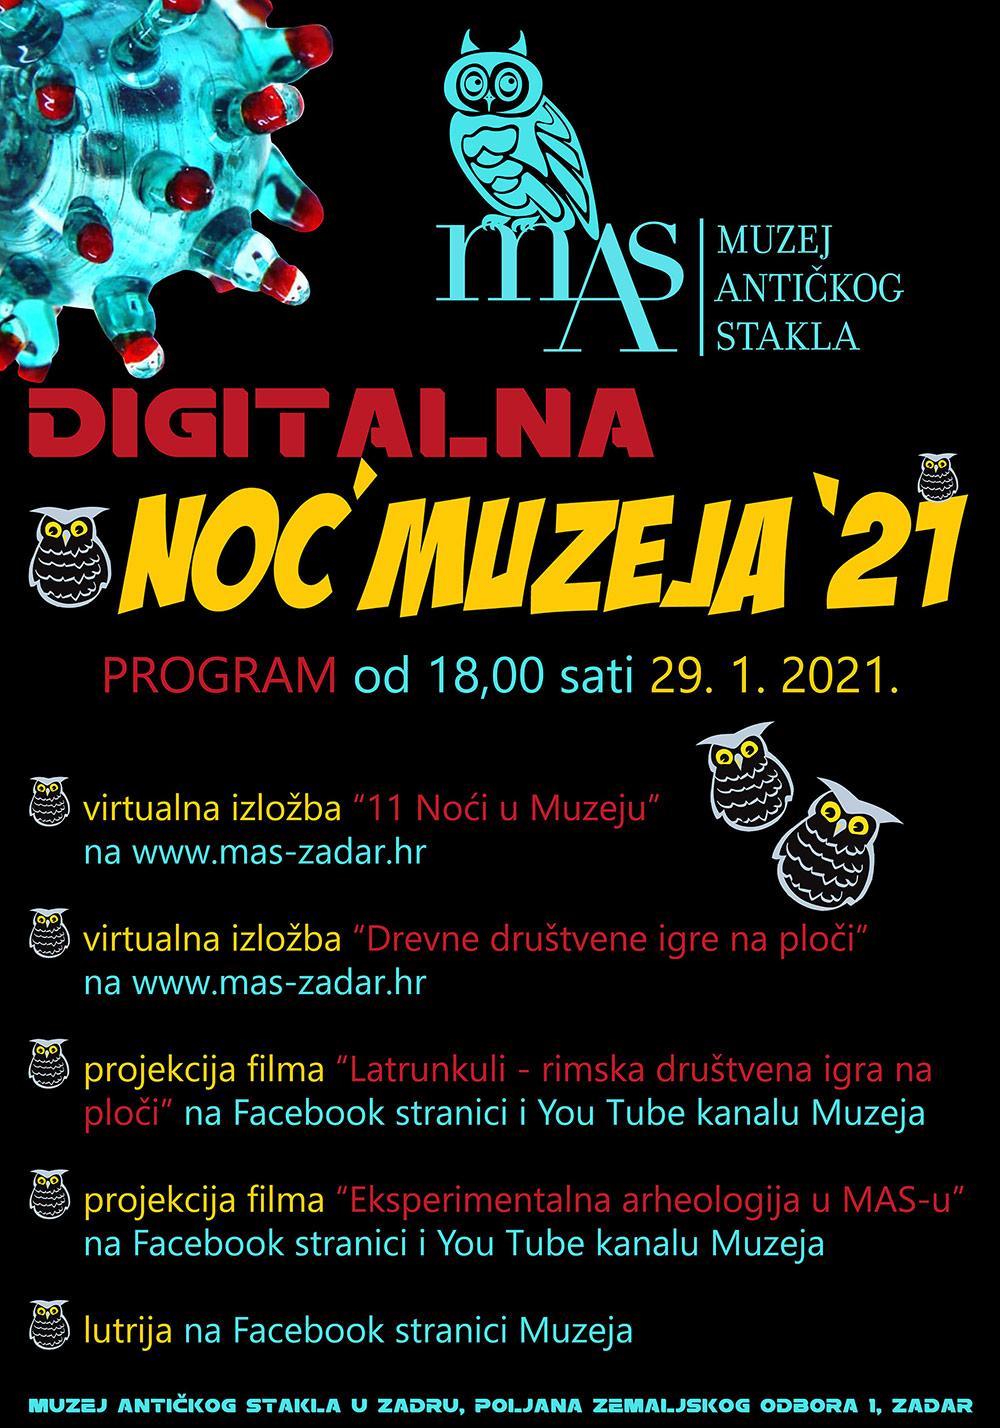 Digitalna Noć muzeja '21